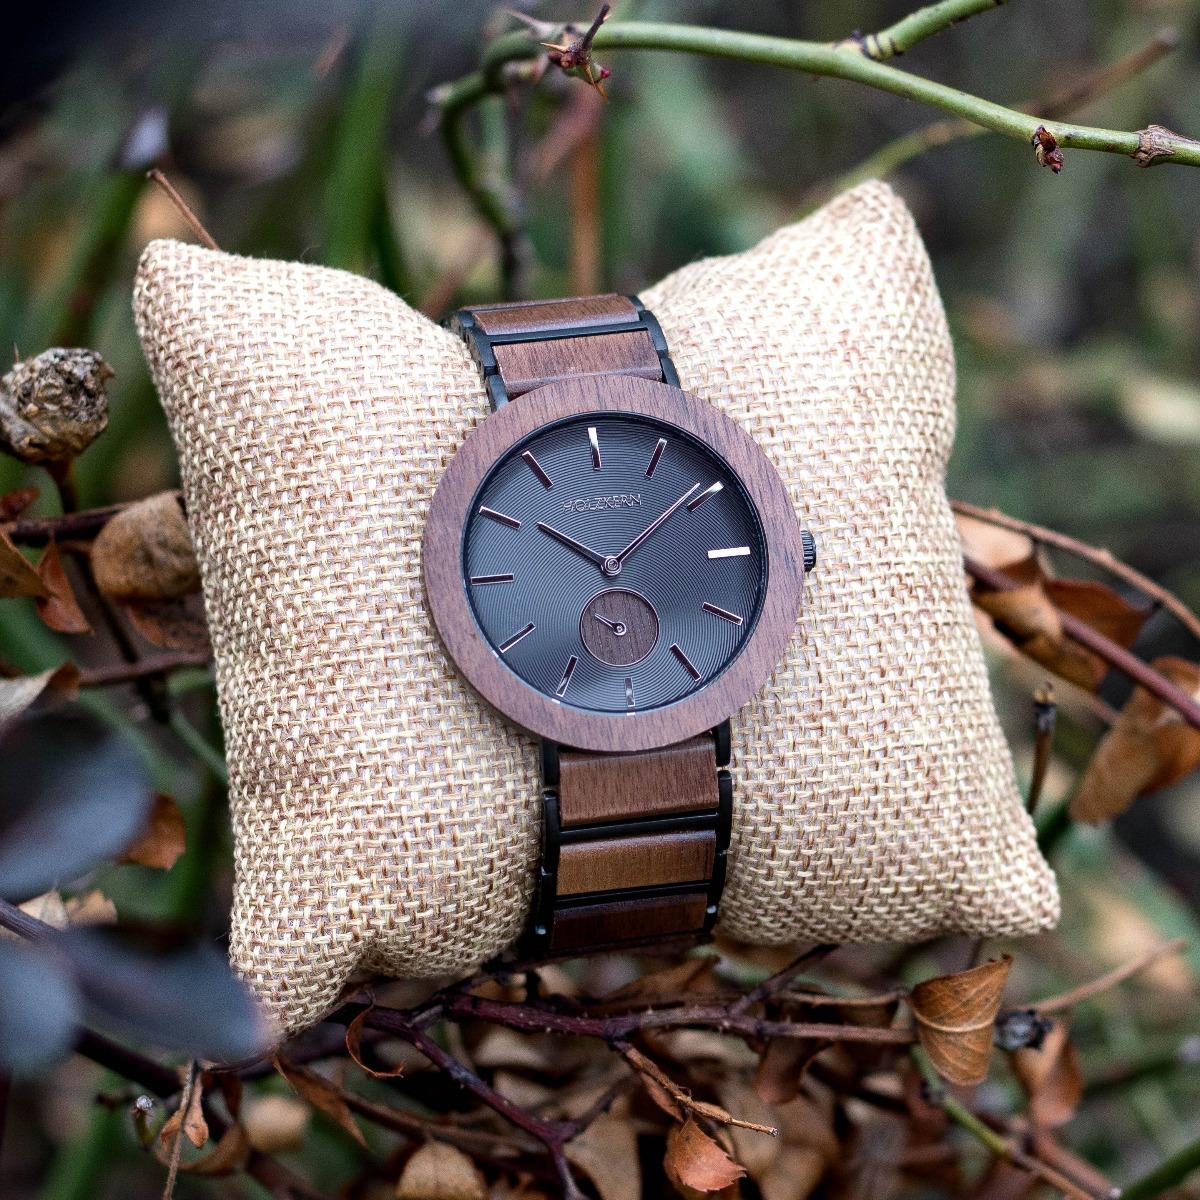 Holzuhr Tundra der Marke Holzkern aus Walnuss mit gemustertem schwarzen Edelstahl als Ziffernblatt auf einem Uhrenpolster umgeben von Geäst